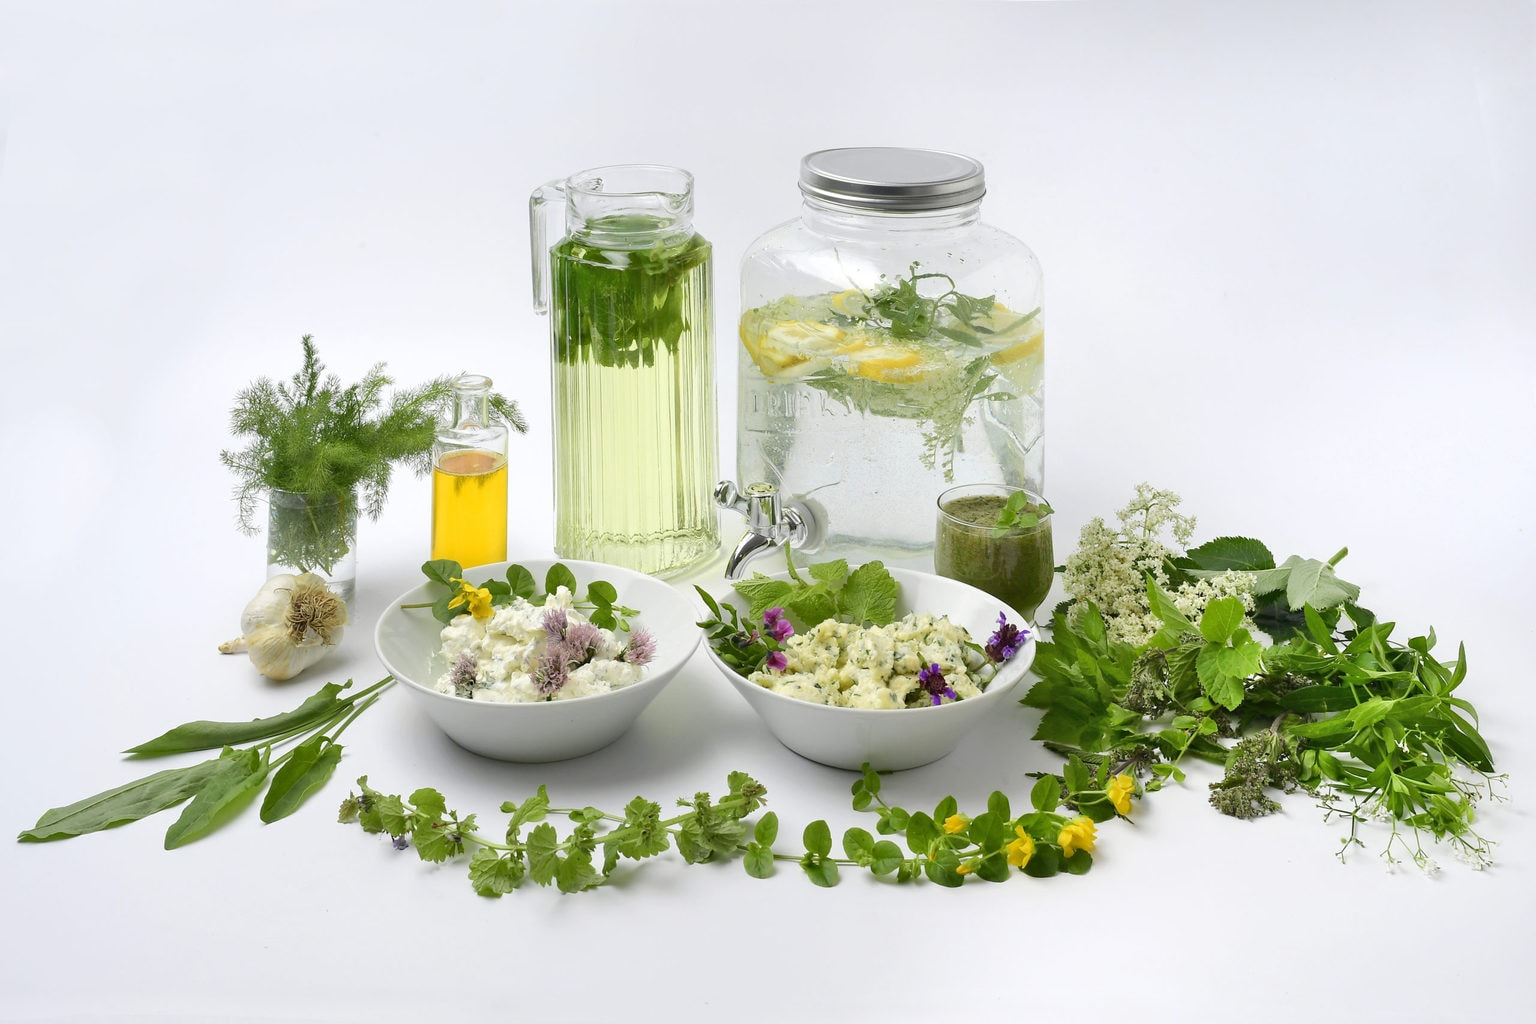 Vers of gedroogd zijn kruiden uit het Thüringer woud een populair geneesmiddel